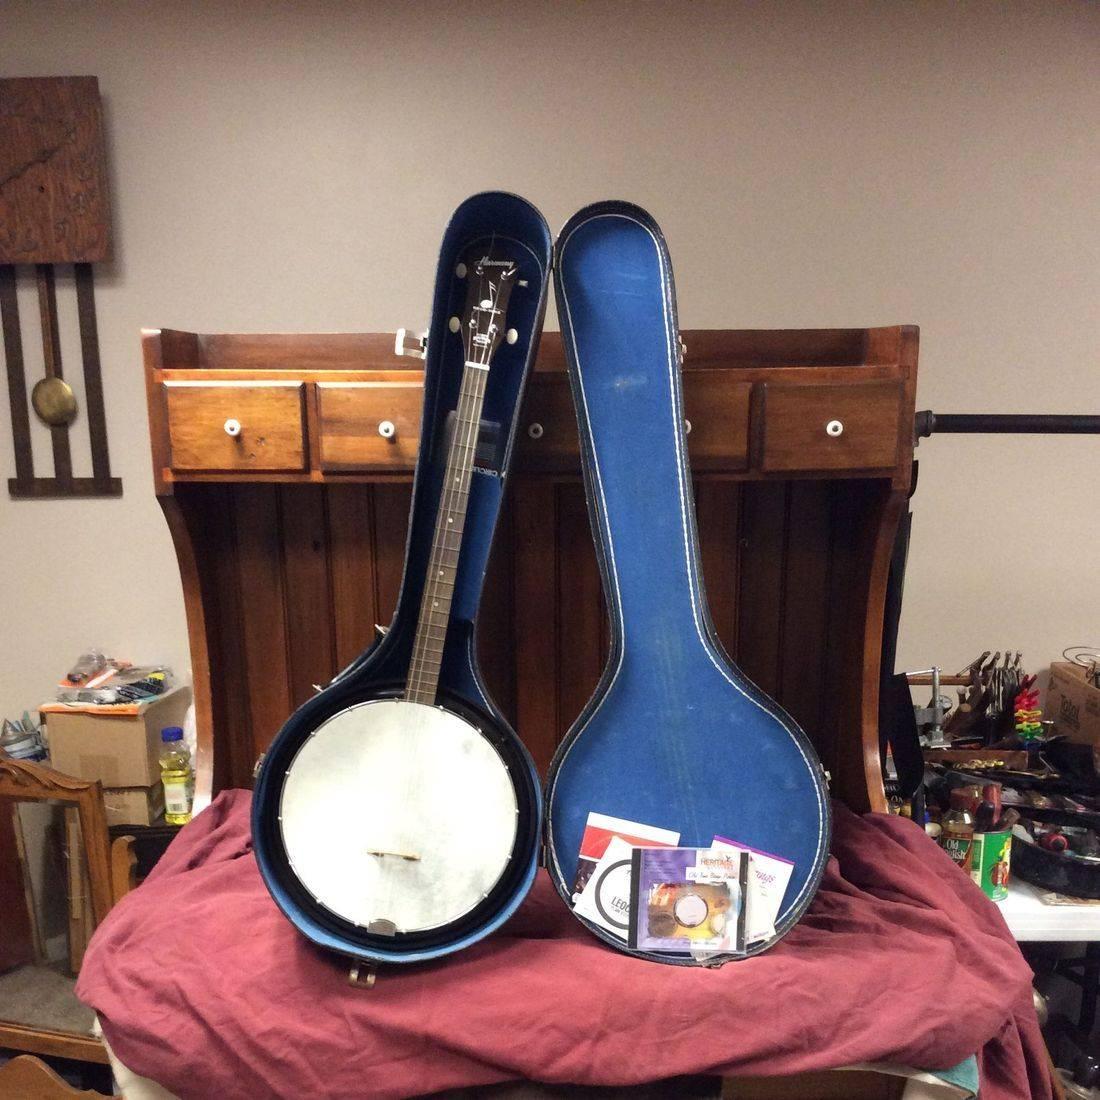 """1950's Harmony Reso-Tone, 4-String Tenor Banjo w/13"""" Bakelite Resonator, Case & Extra Strings  33""""L x 12"""" Dia. Pot $150.00"""